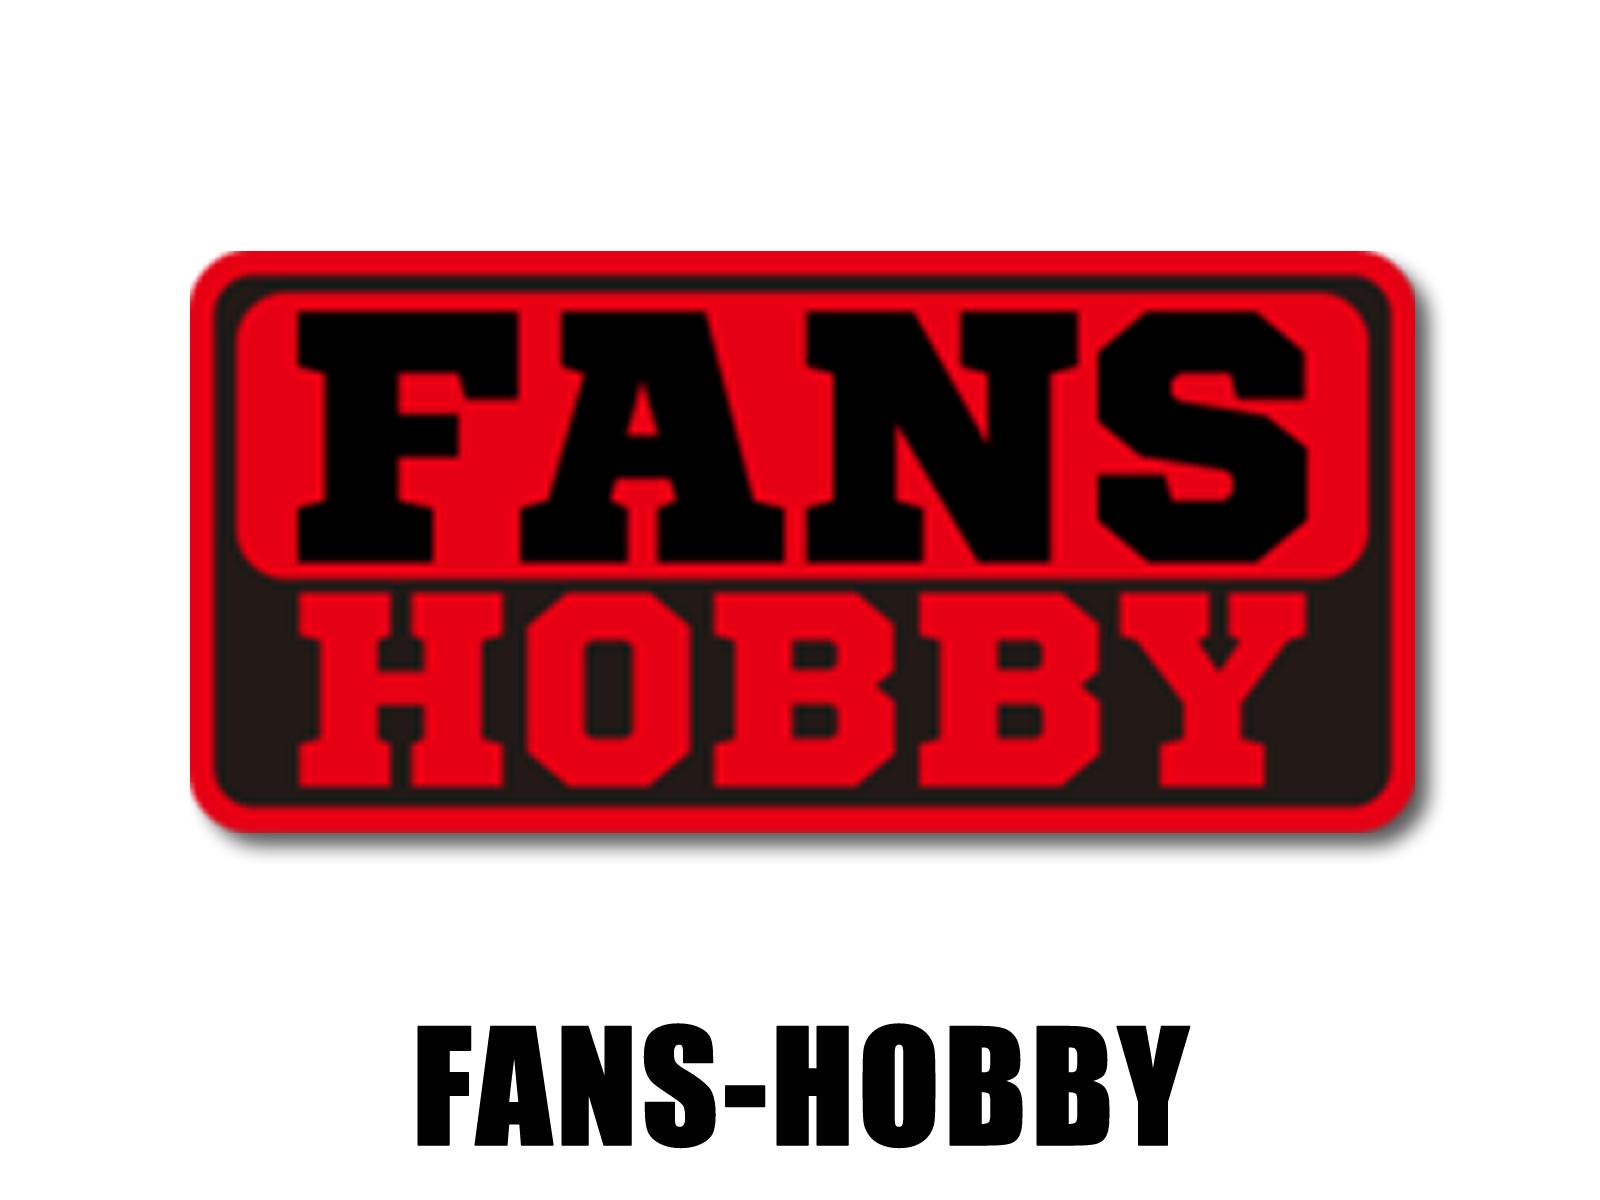 Fans-Hobby